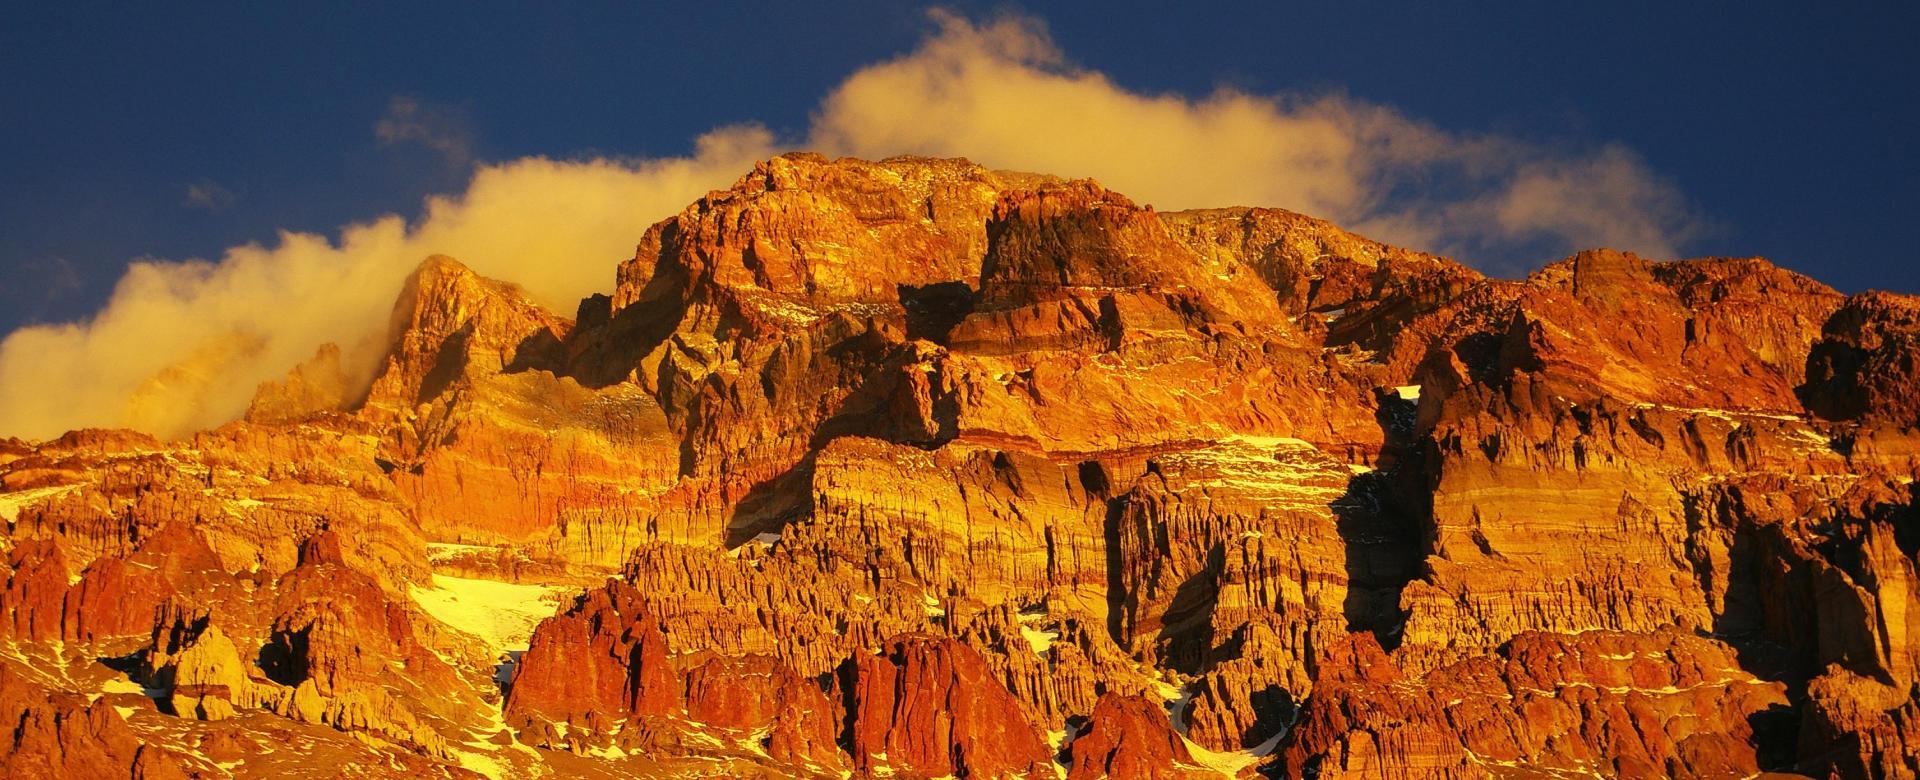 Voyage à pied : L\'aconcagua (6962 m) par la traversée